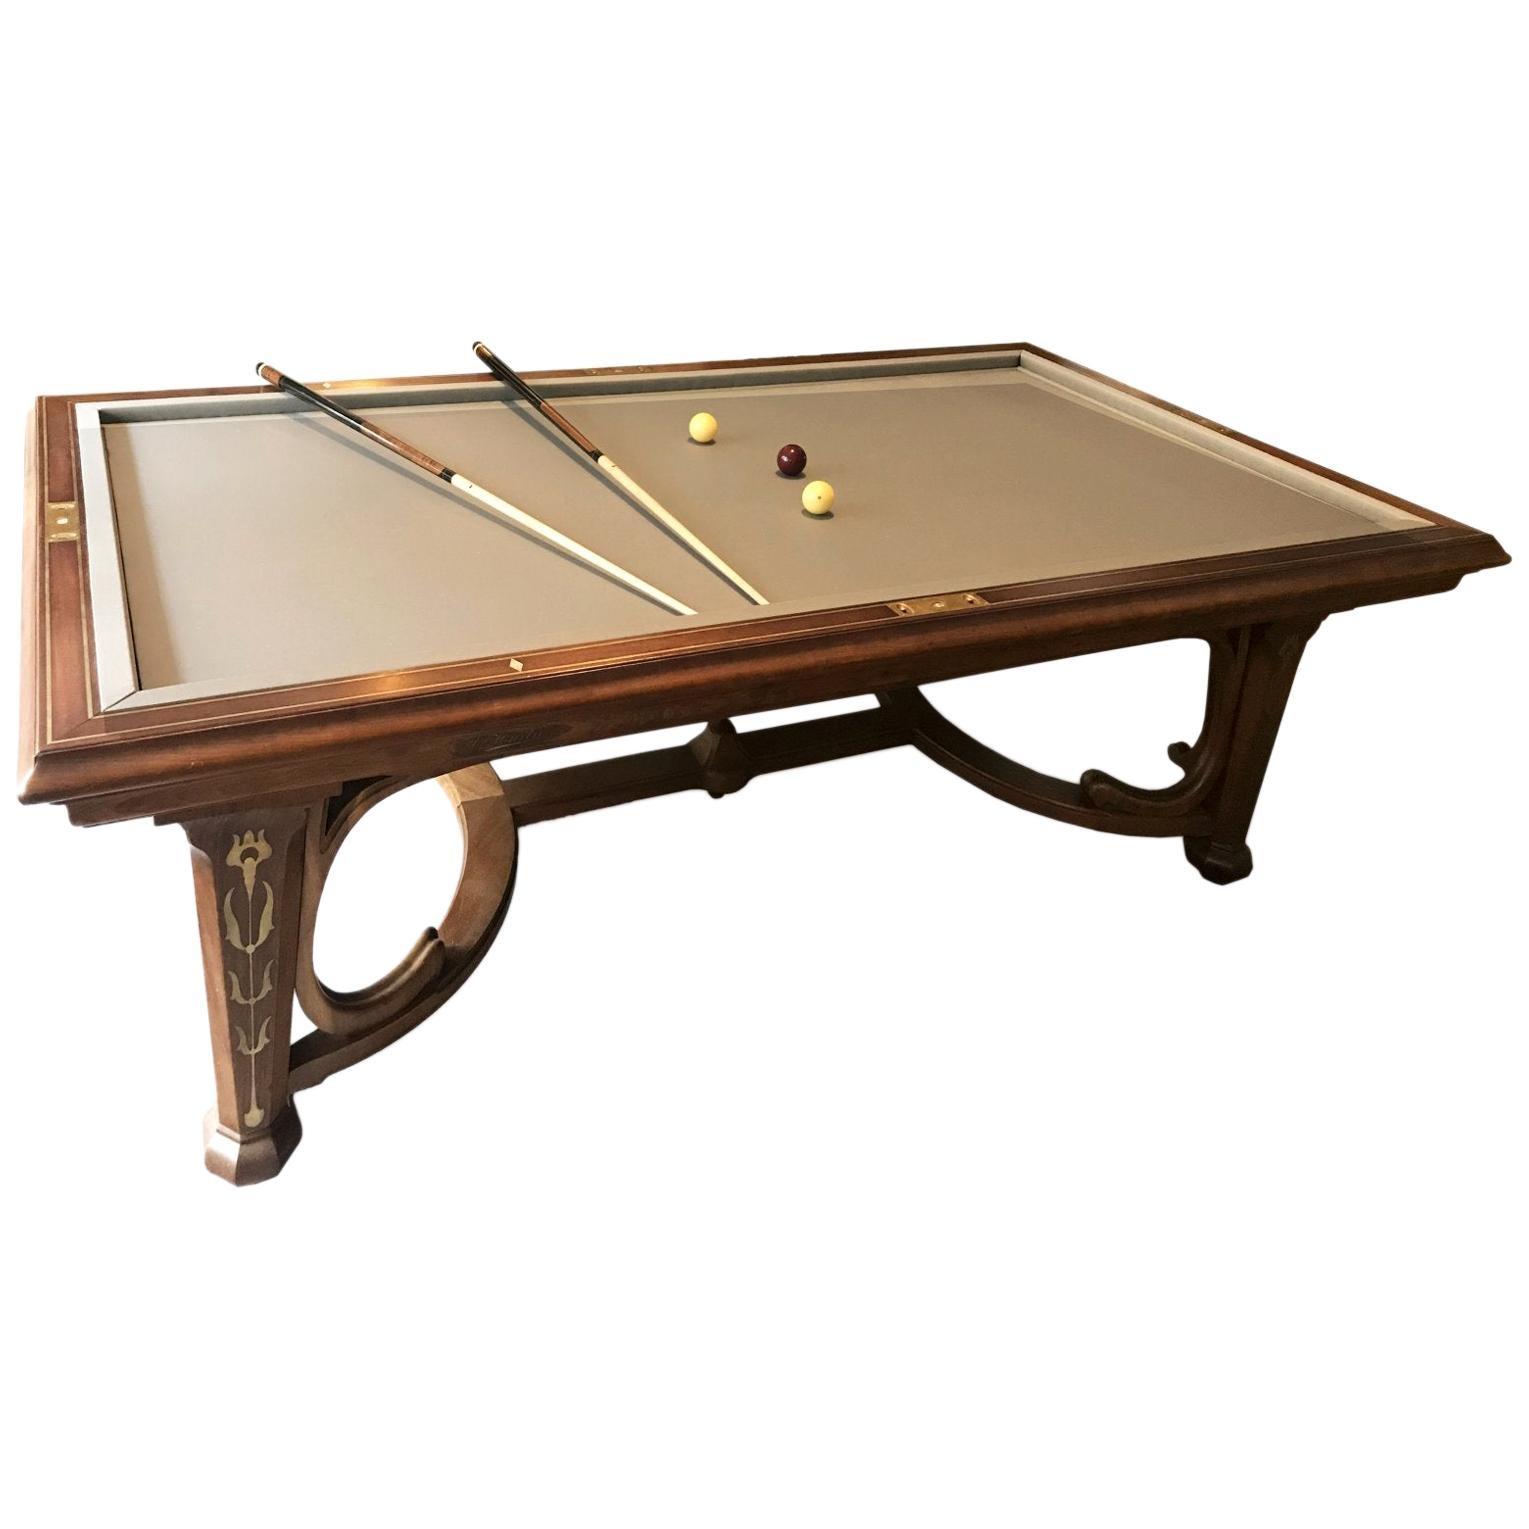 Emile Hurtre an Art Nouveau Billiard Table Made by E. Gueret Médaille d'Or, 1889